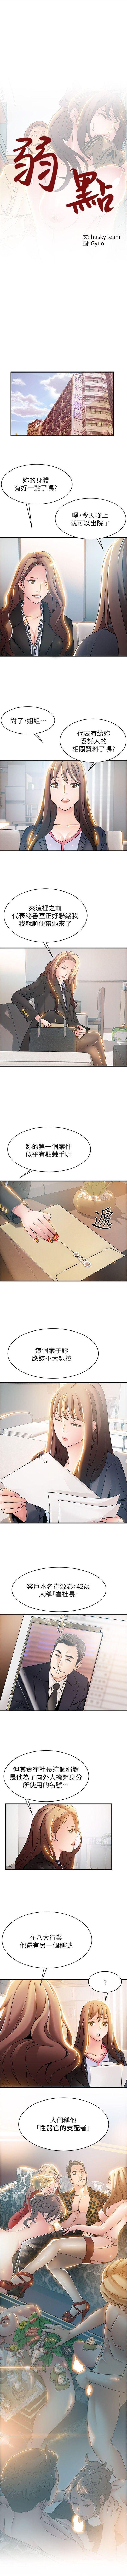 弱点 1-64 中文翻译(更新中) 106